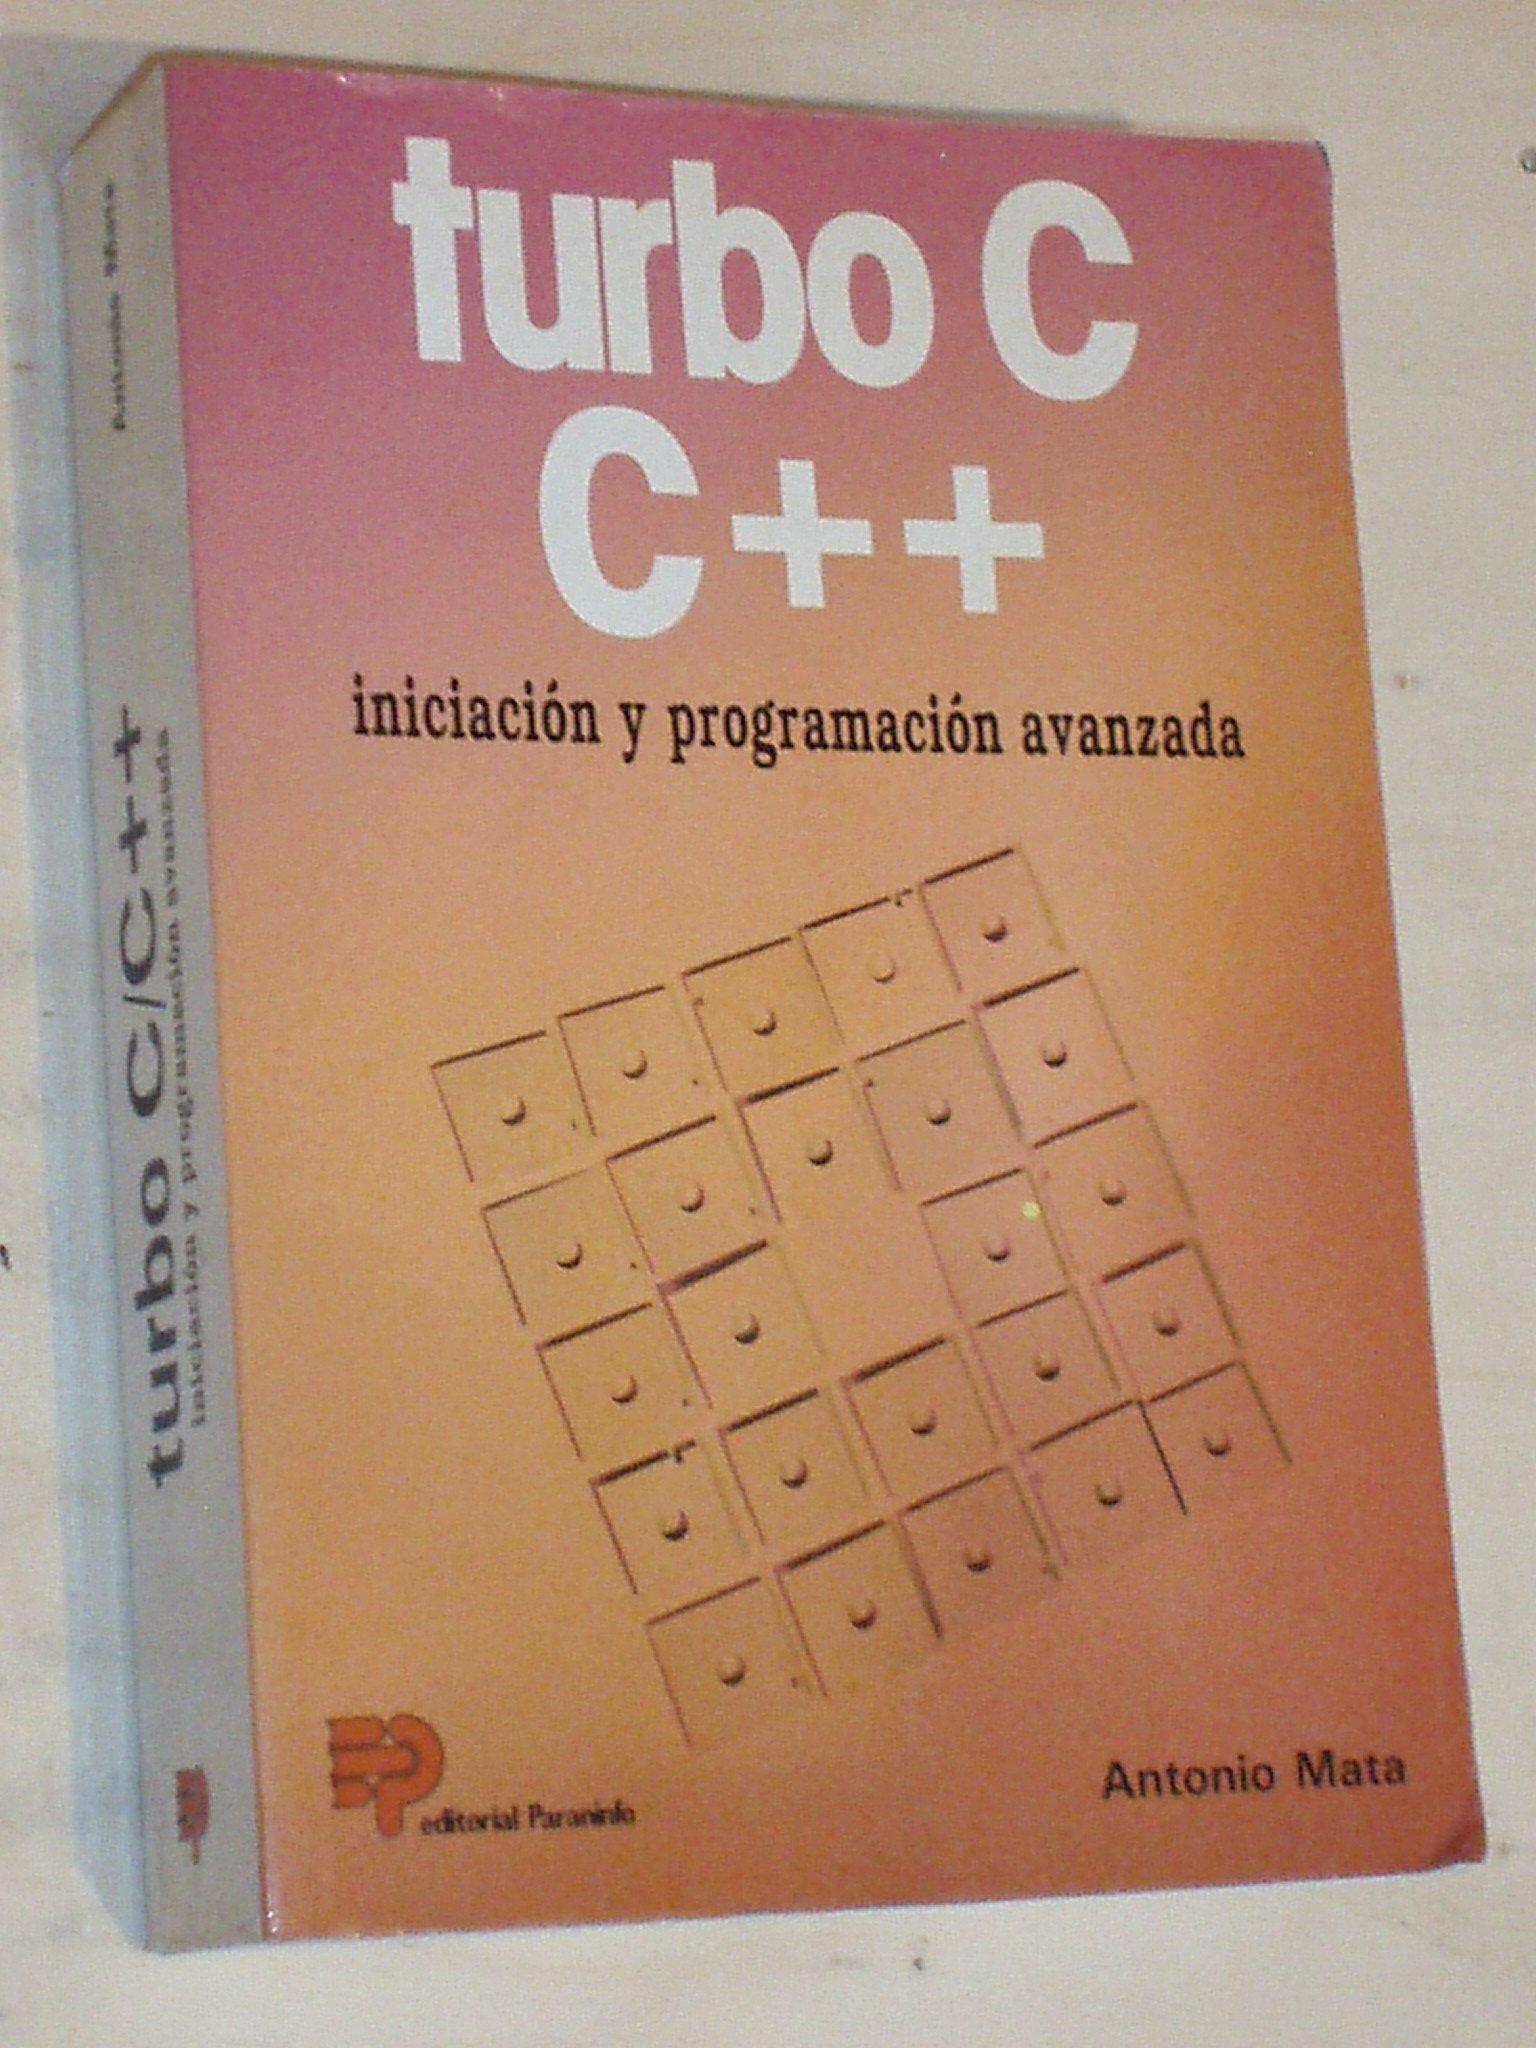 TURBO C C++ INICIACIÓN Y PROGRAMACIÓN AVANZADA: Amazon.es: Antonio Mata: Libros